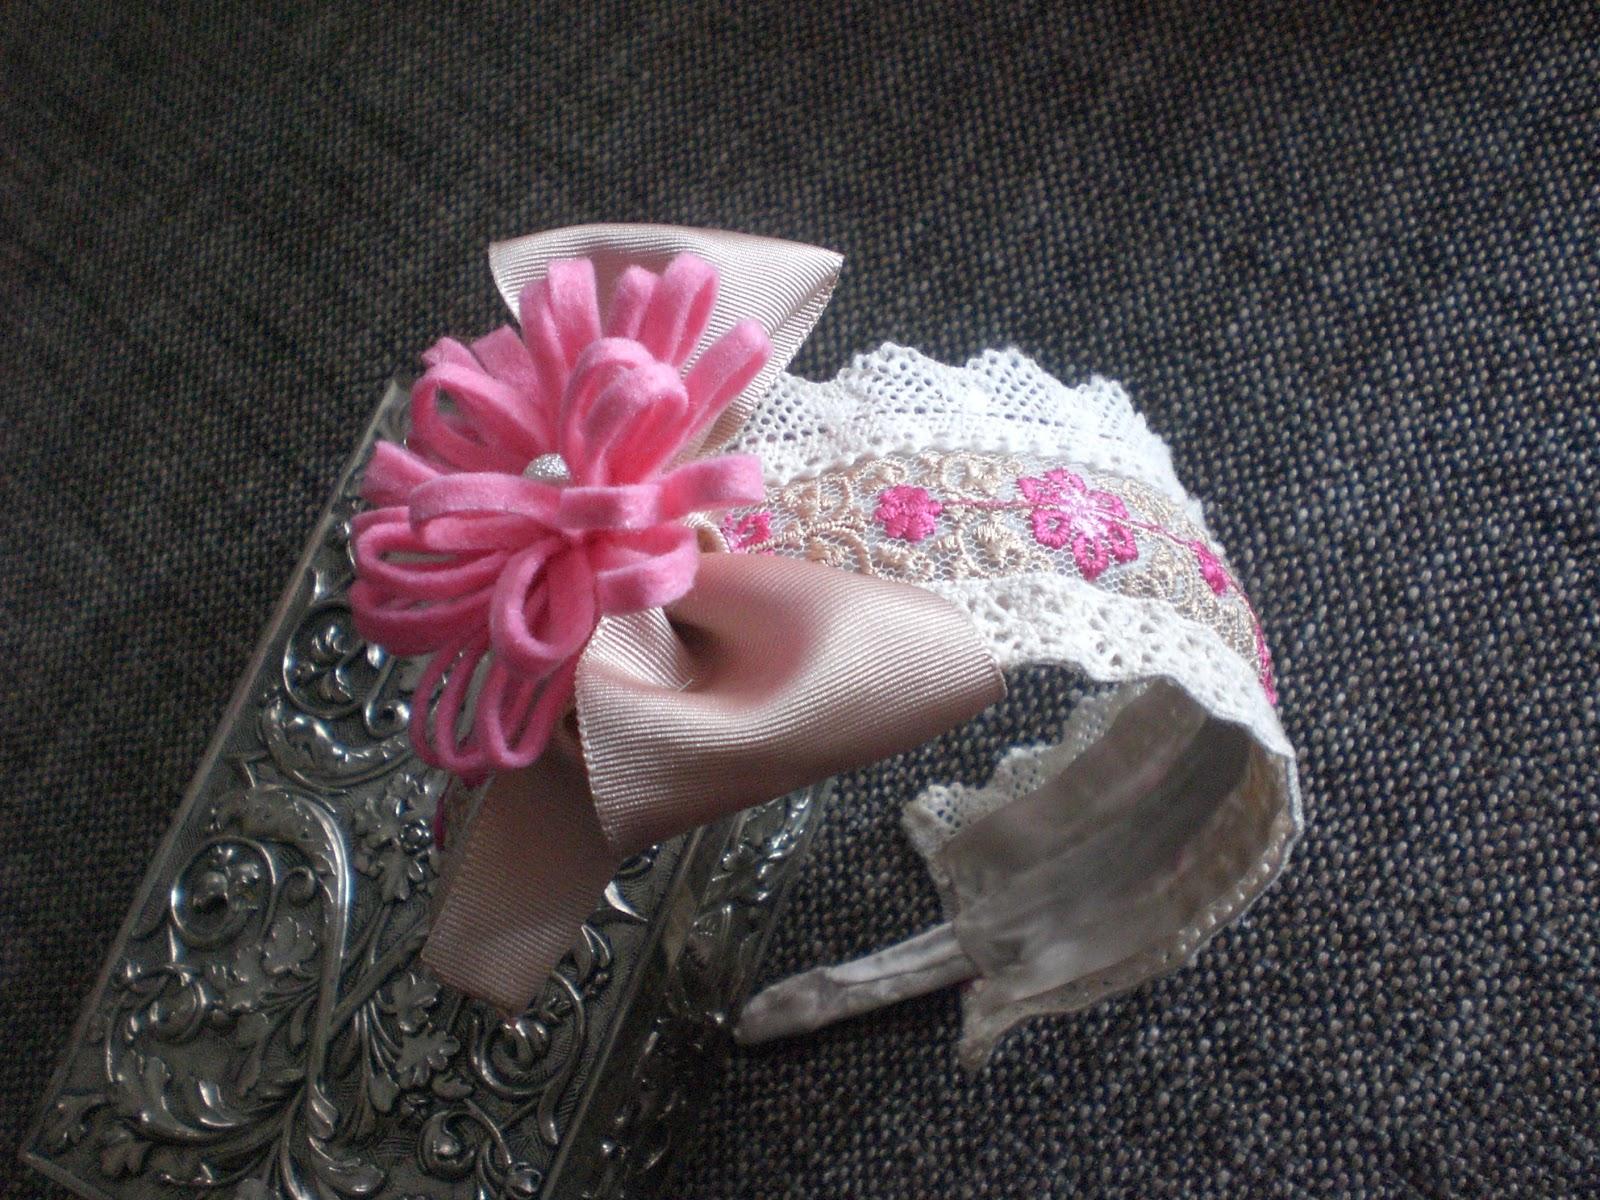 Los tesoros de bella coquette diadema encaje rosa - Diademas de encaje ...